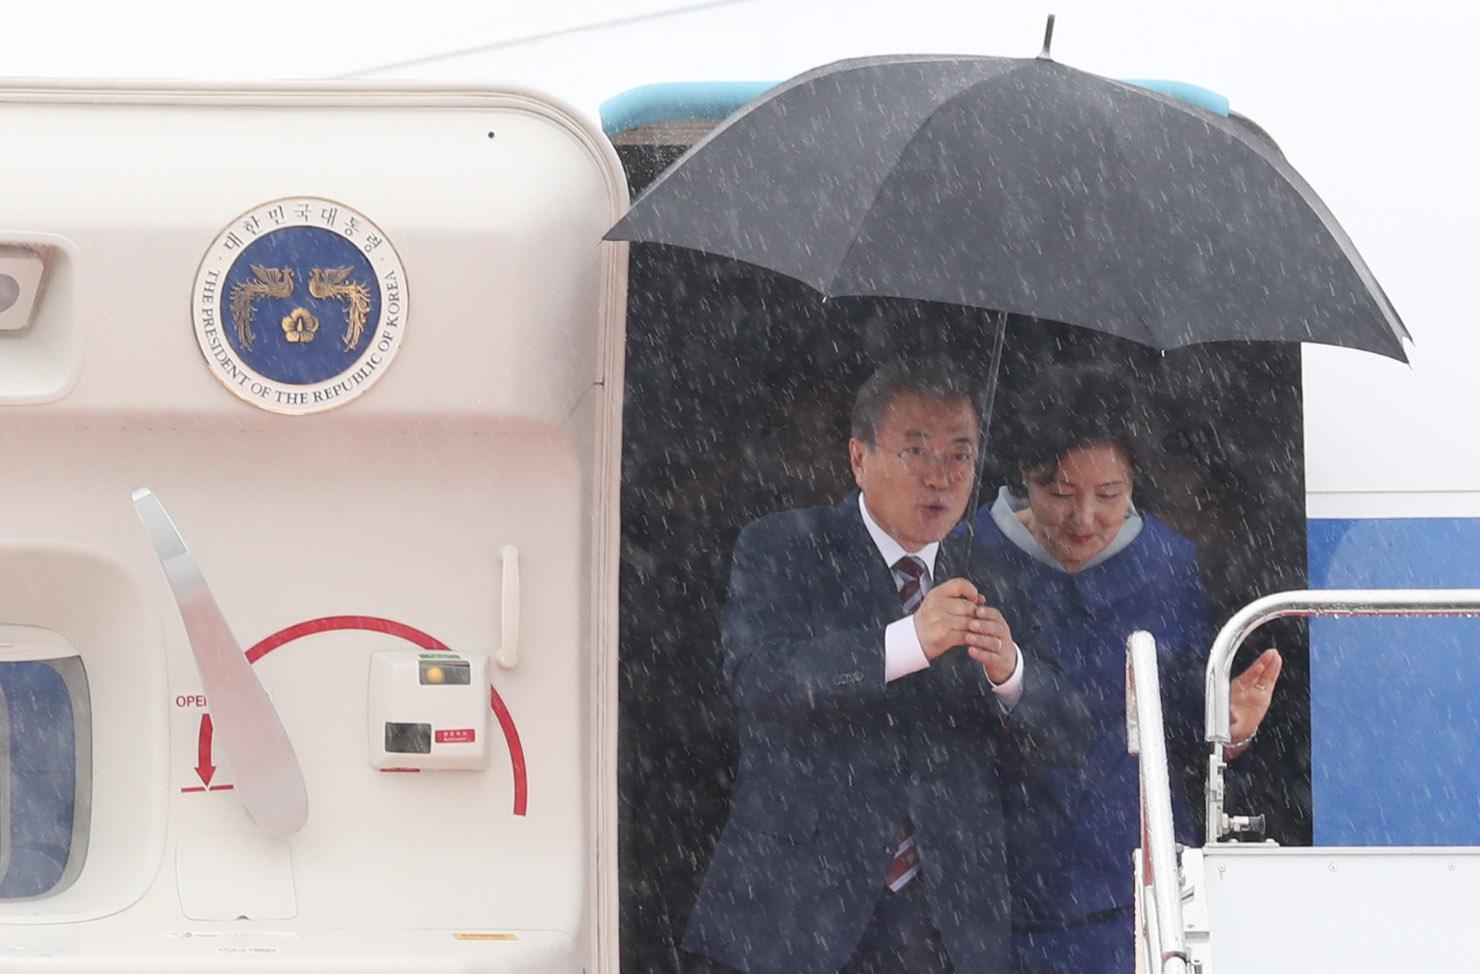 G20 정상회의에 참석하는 문재인 대통령과 김정숙 여사가 27일 오후 오사카 간사이 국제공항에 도착한 공군 1호기에서 내리고 있다. 비가 내려 문 대통령이 우산을 들고 있다. [연합뉴스]